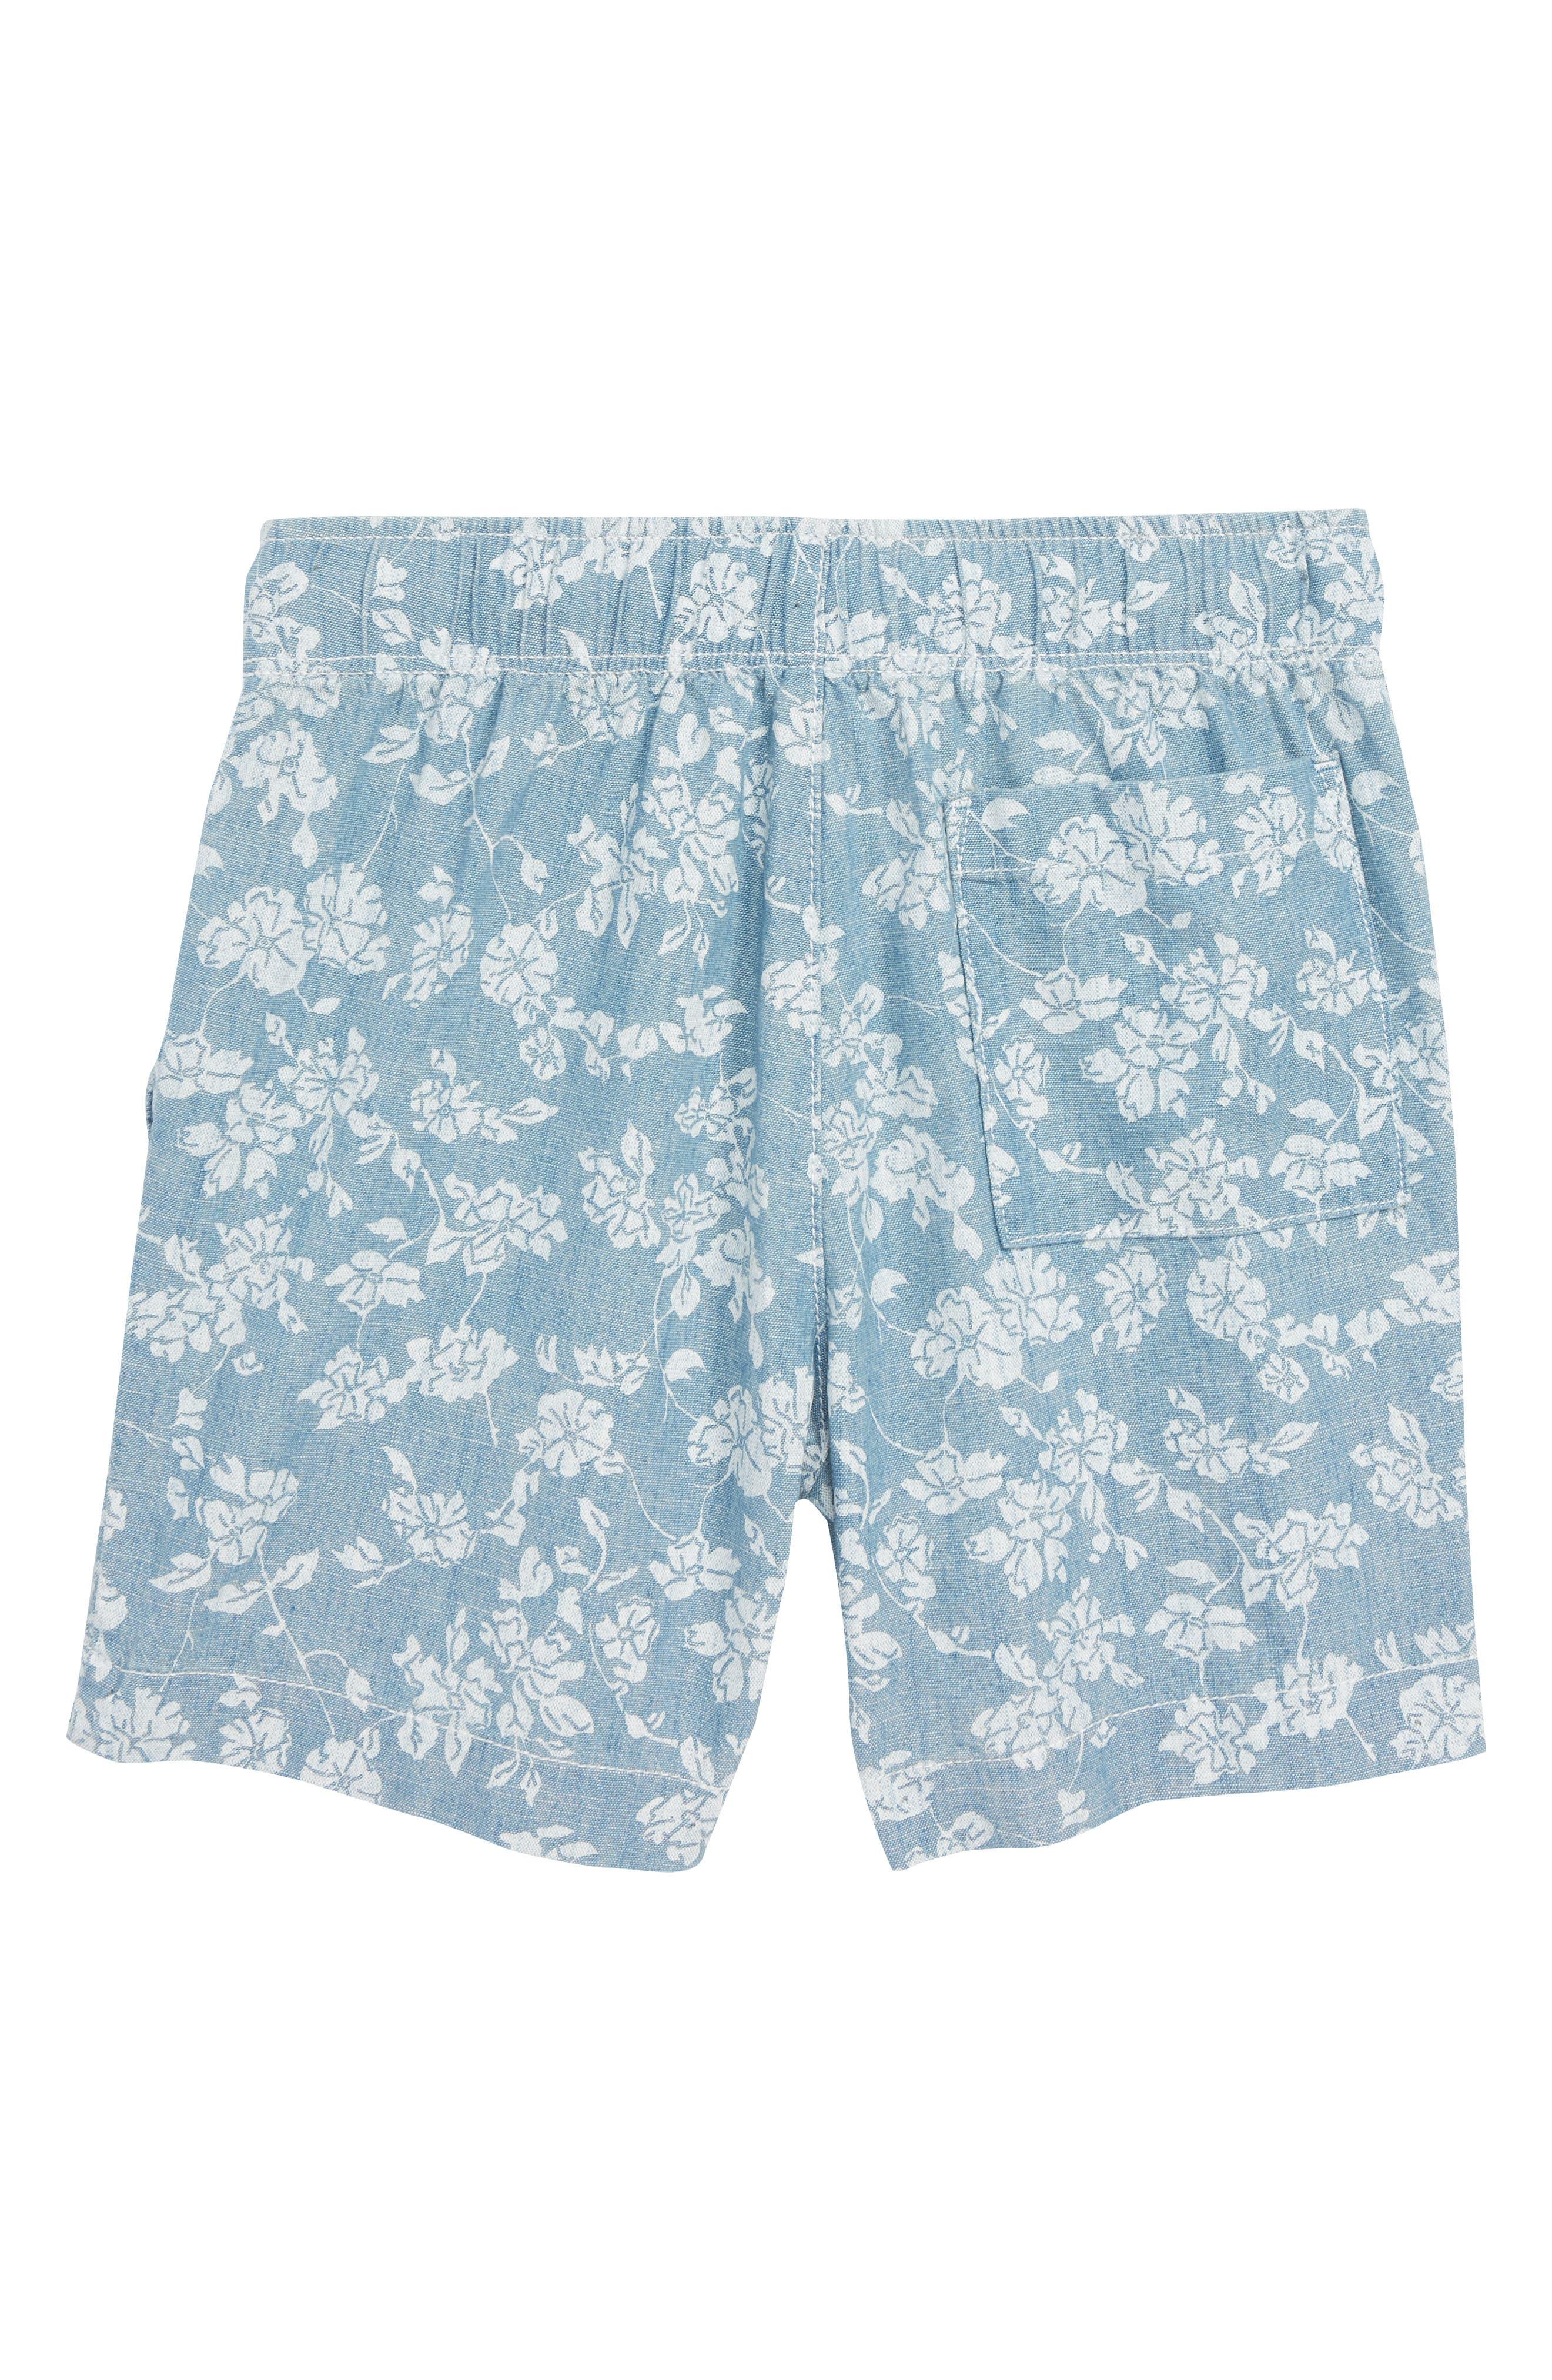 Floral Chambray Dock Shorts,                             Alternate thumbnail 2, color,                             Indigo